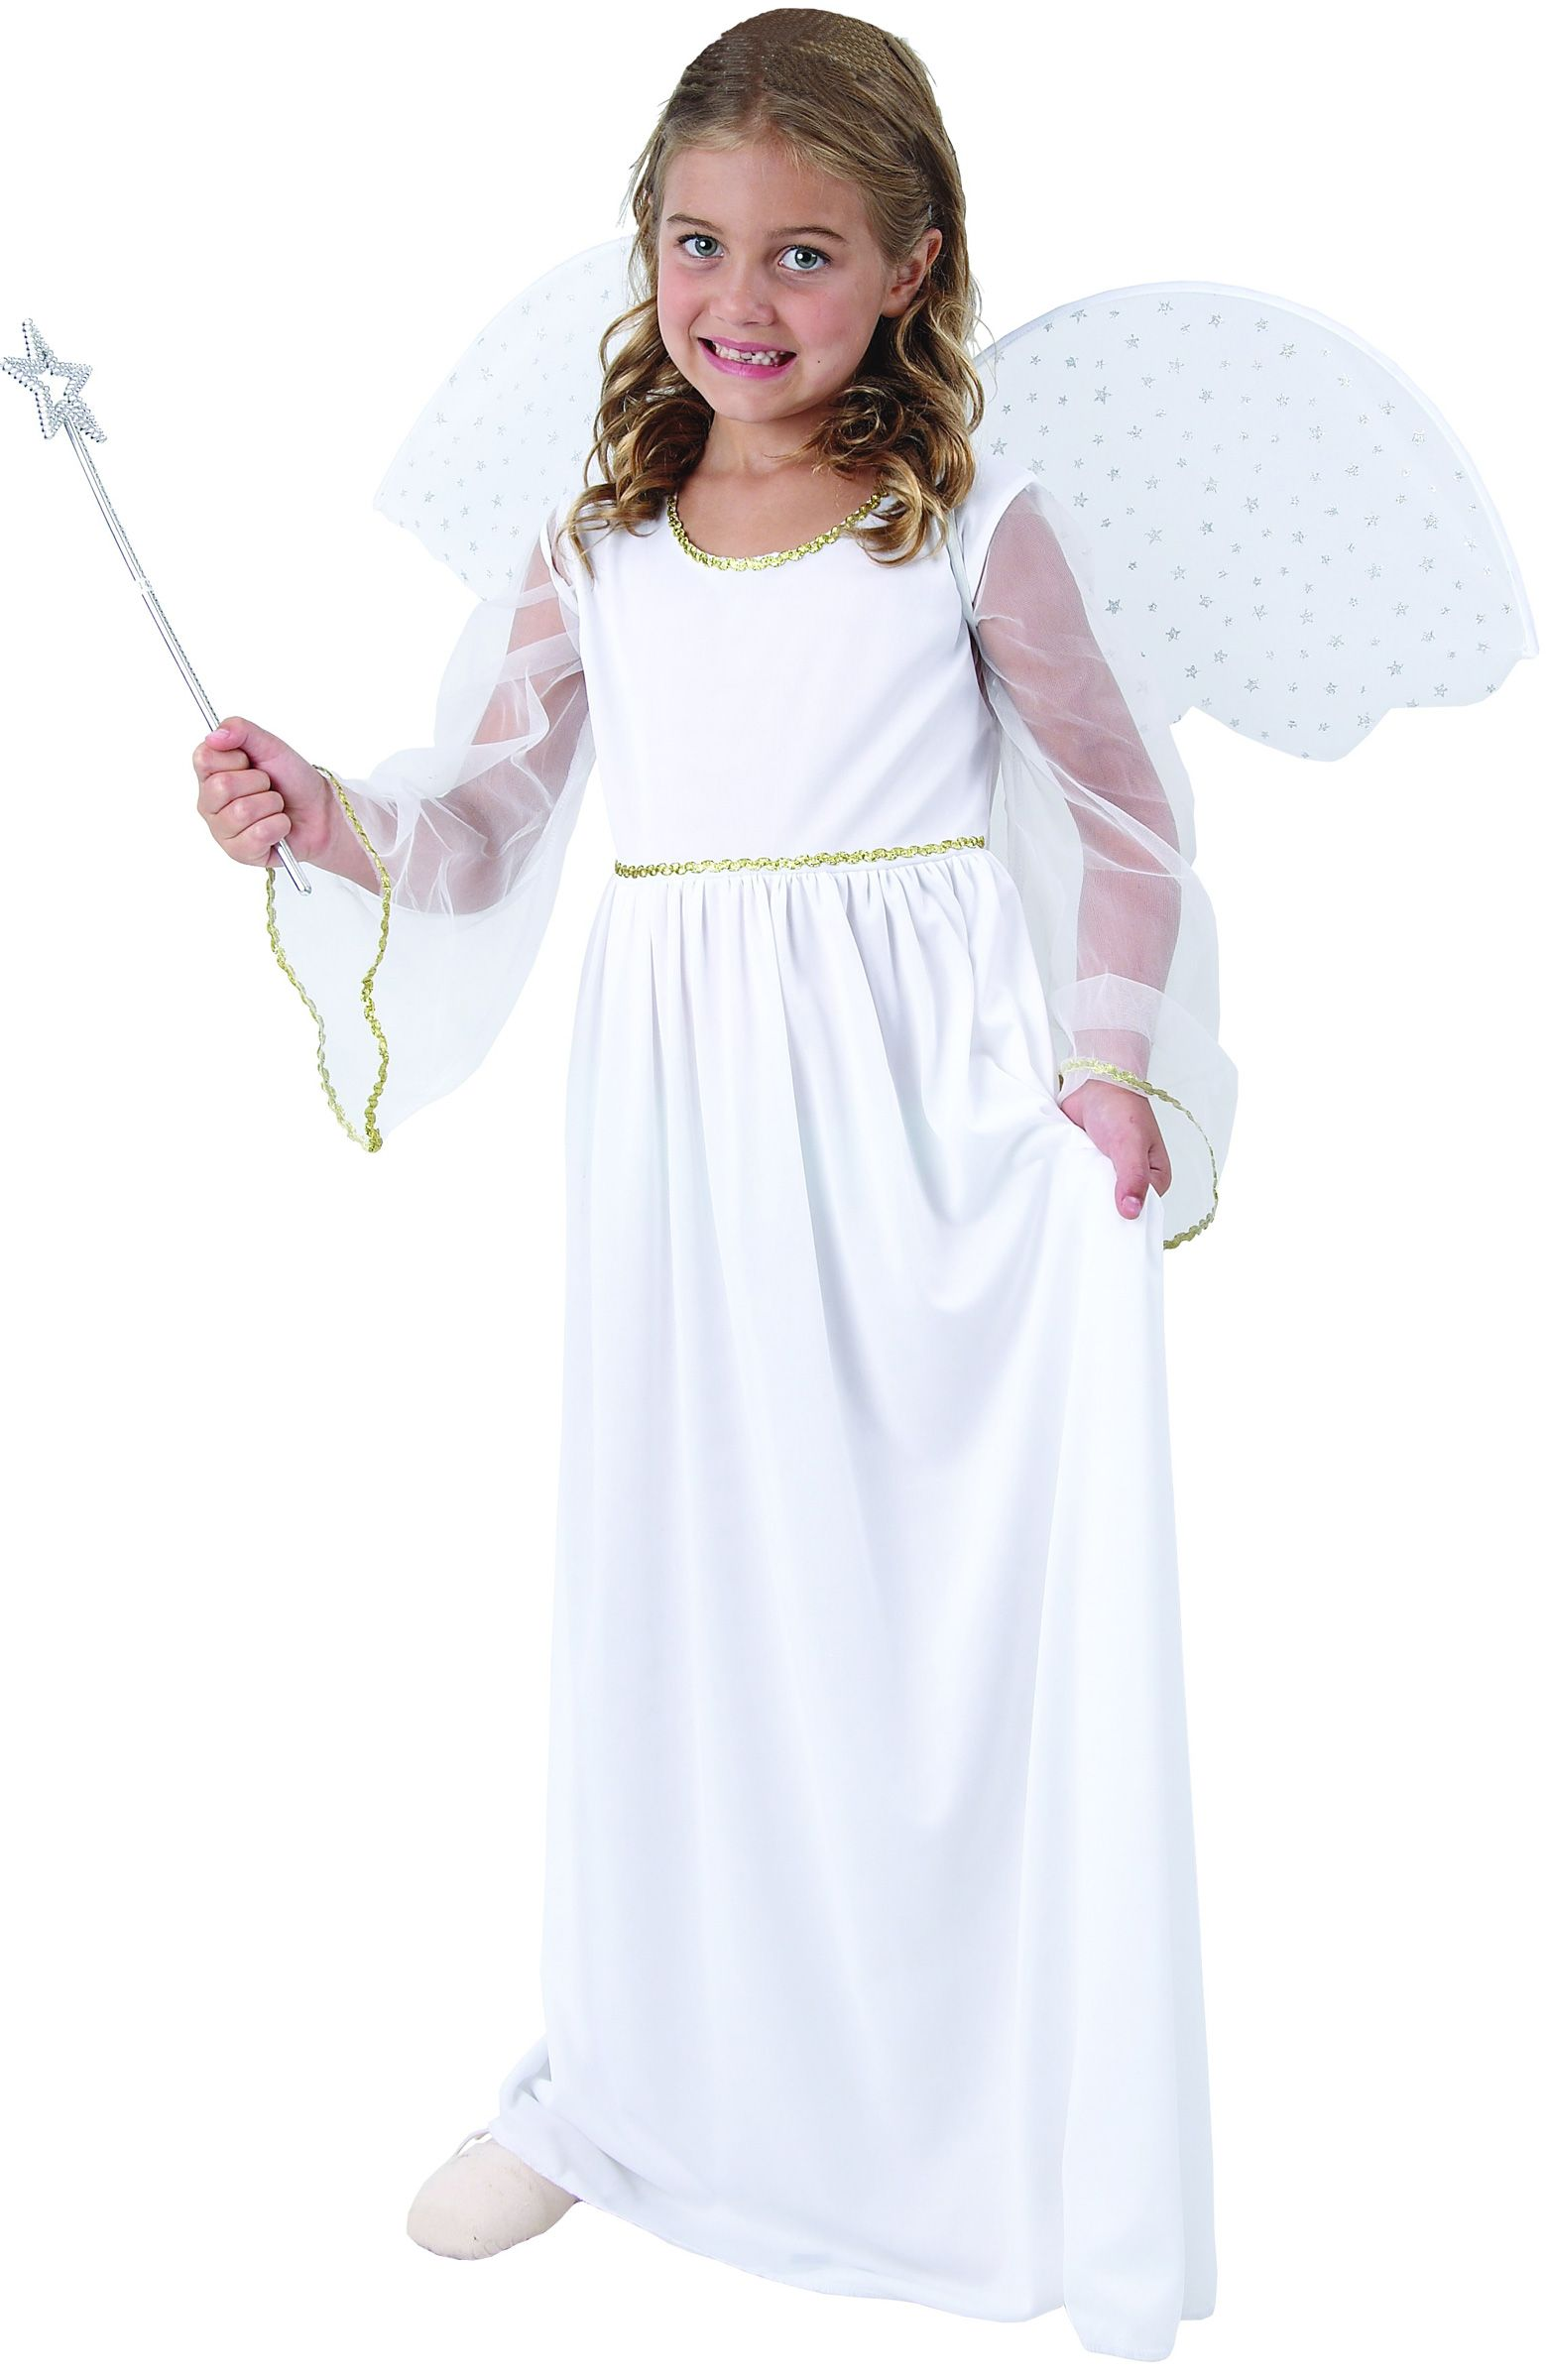 Las Mejores 11 Ideas De Disfraz Angel Niña Disfraz Angel Niña Disfraz Angel Disfraz De ángel